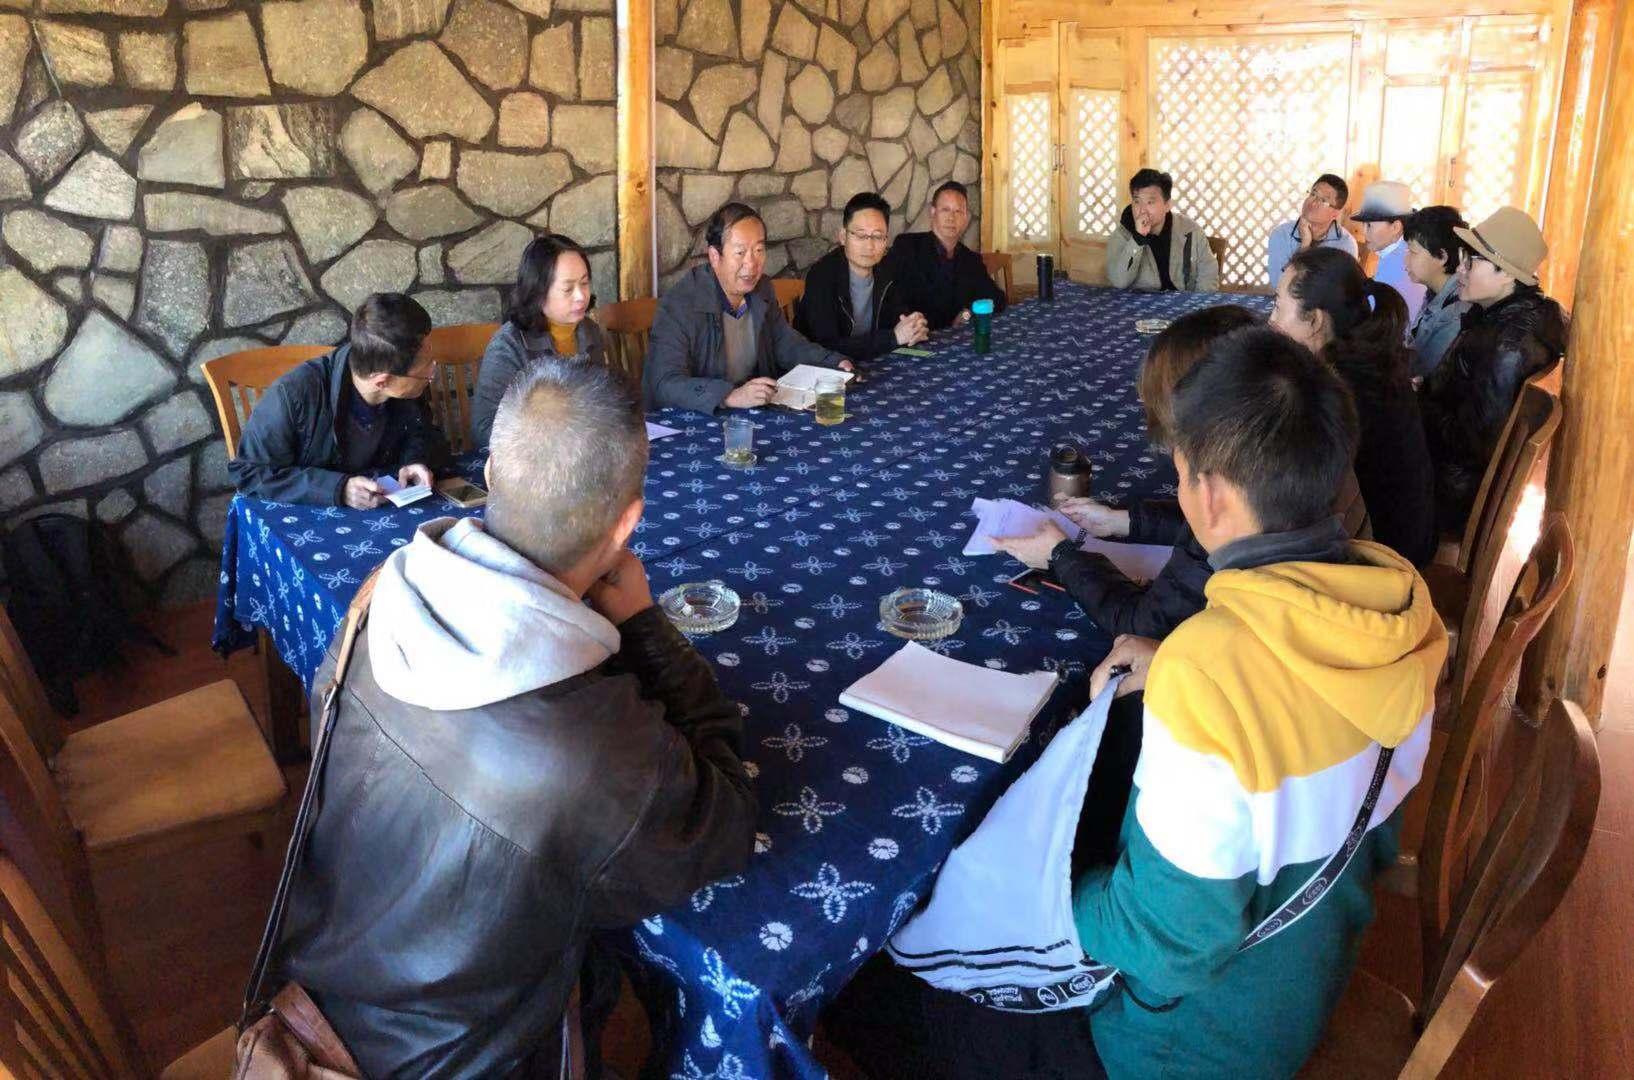 到大理的乡村做客,希冀带动那里的旅游业,为此村民们召集在一起开了一个会.jpg